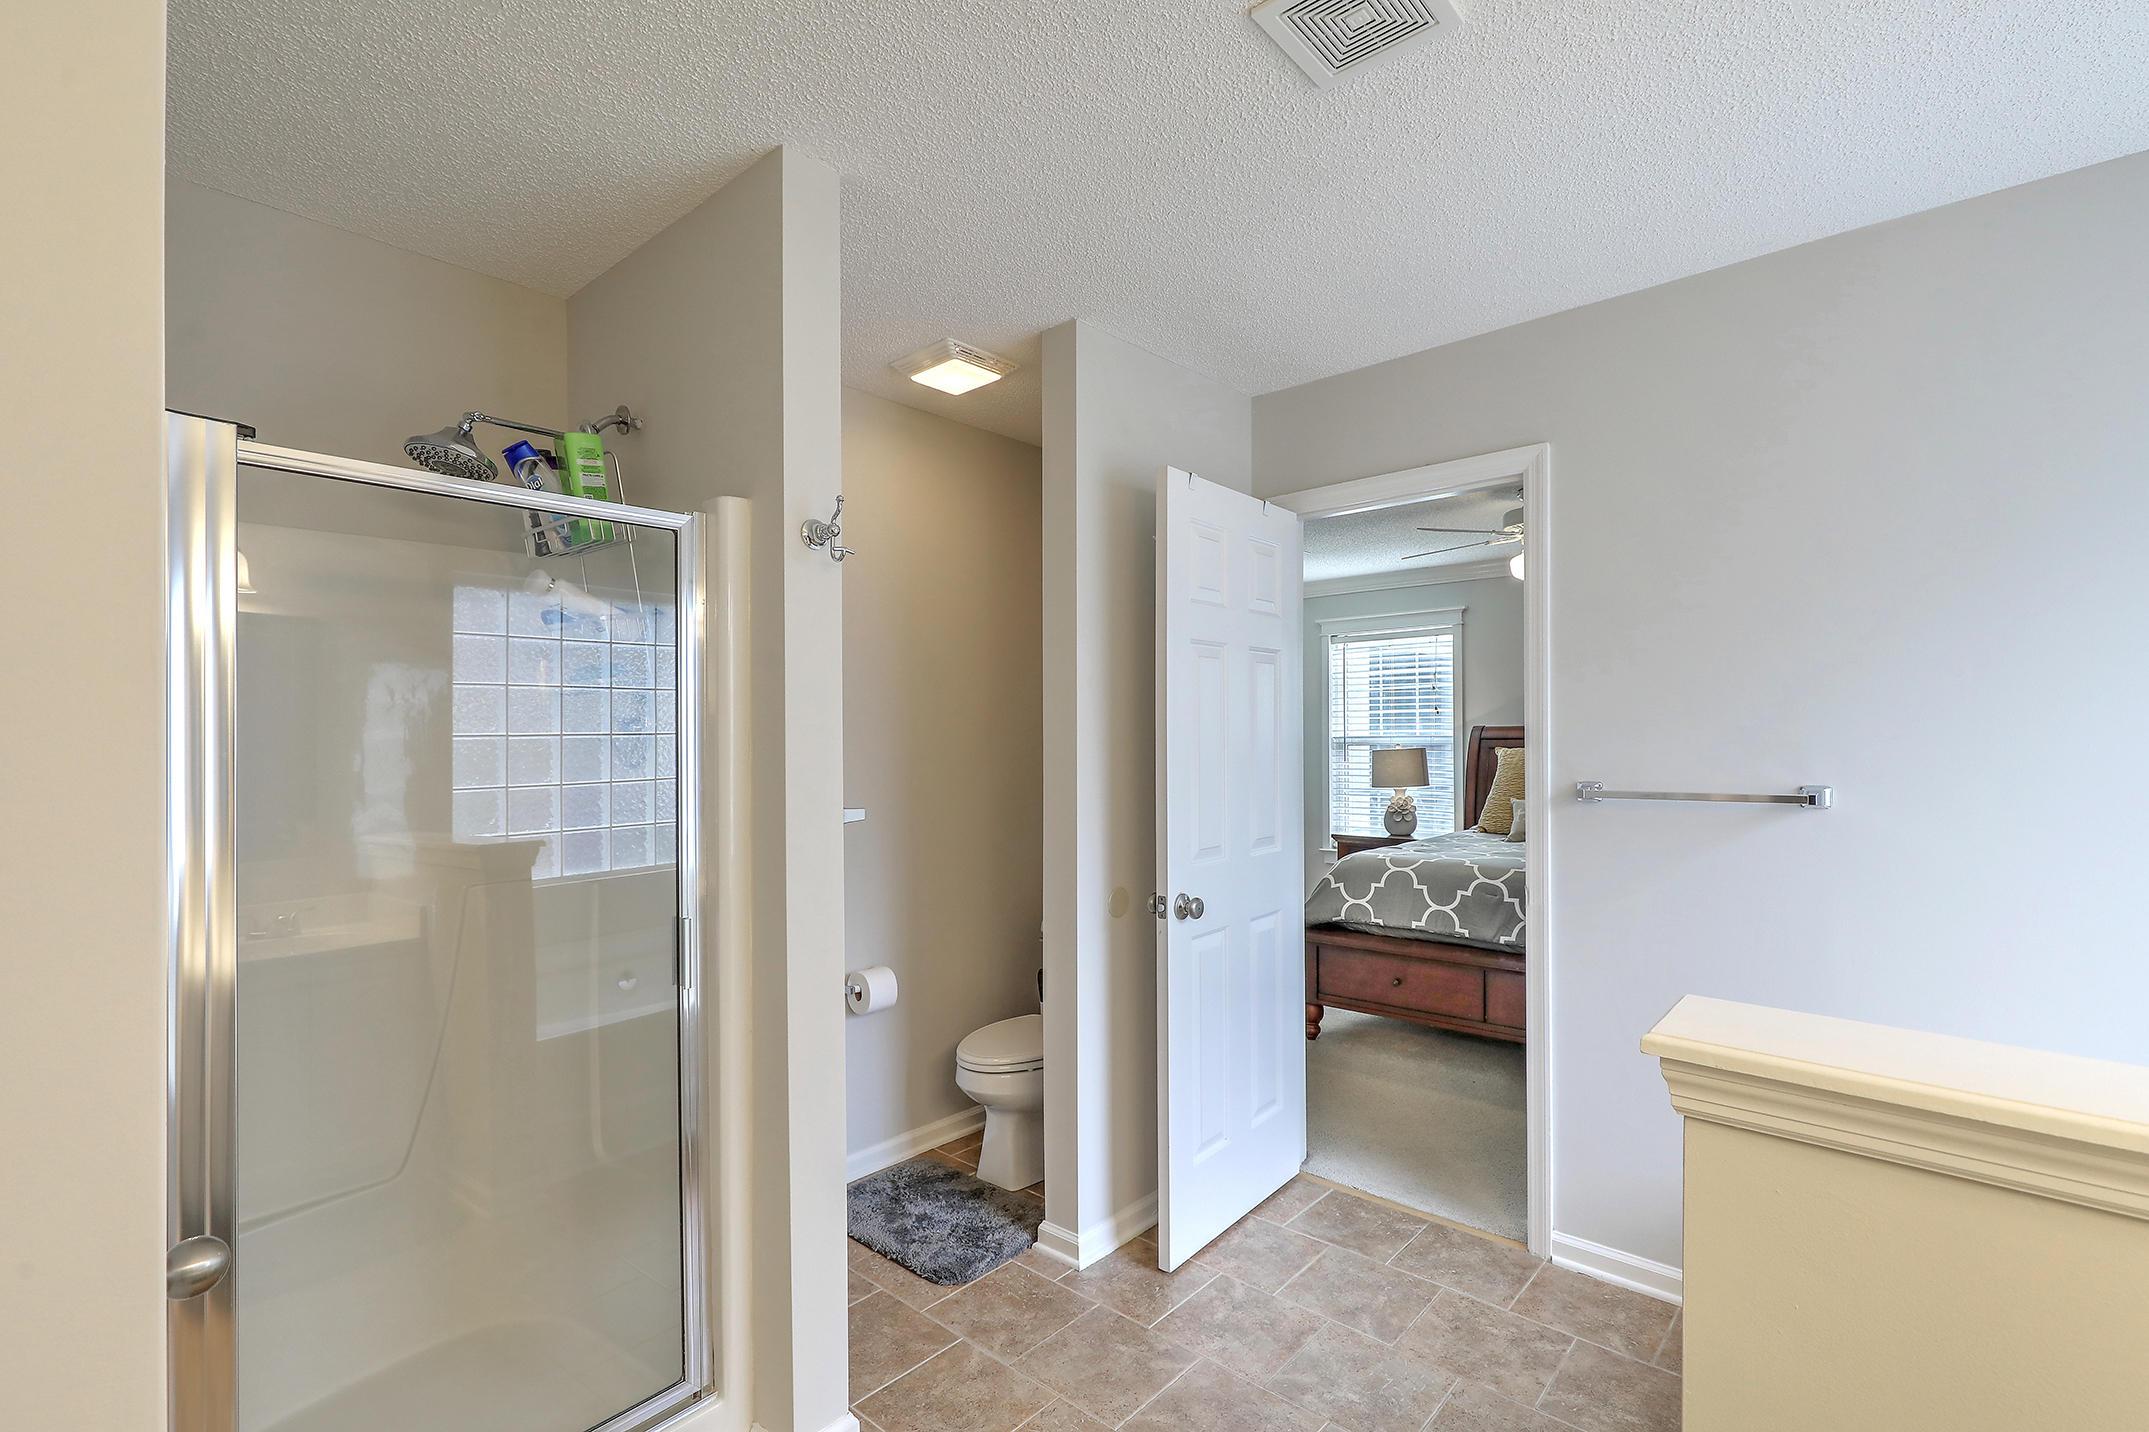 Lawton Harbor Homes For Sale - 559 Cecilia Cove, Charleston, SC - 15